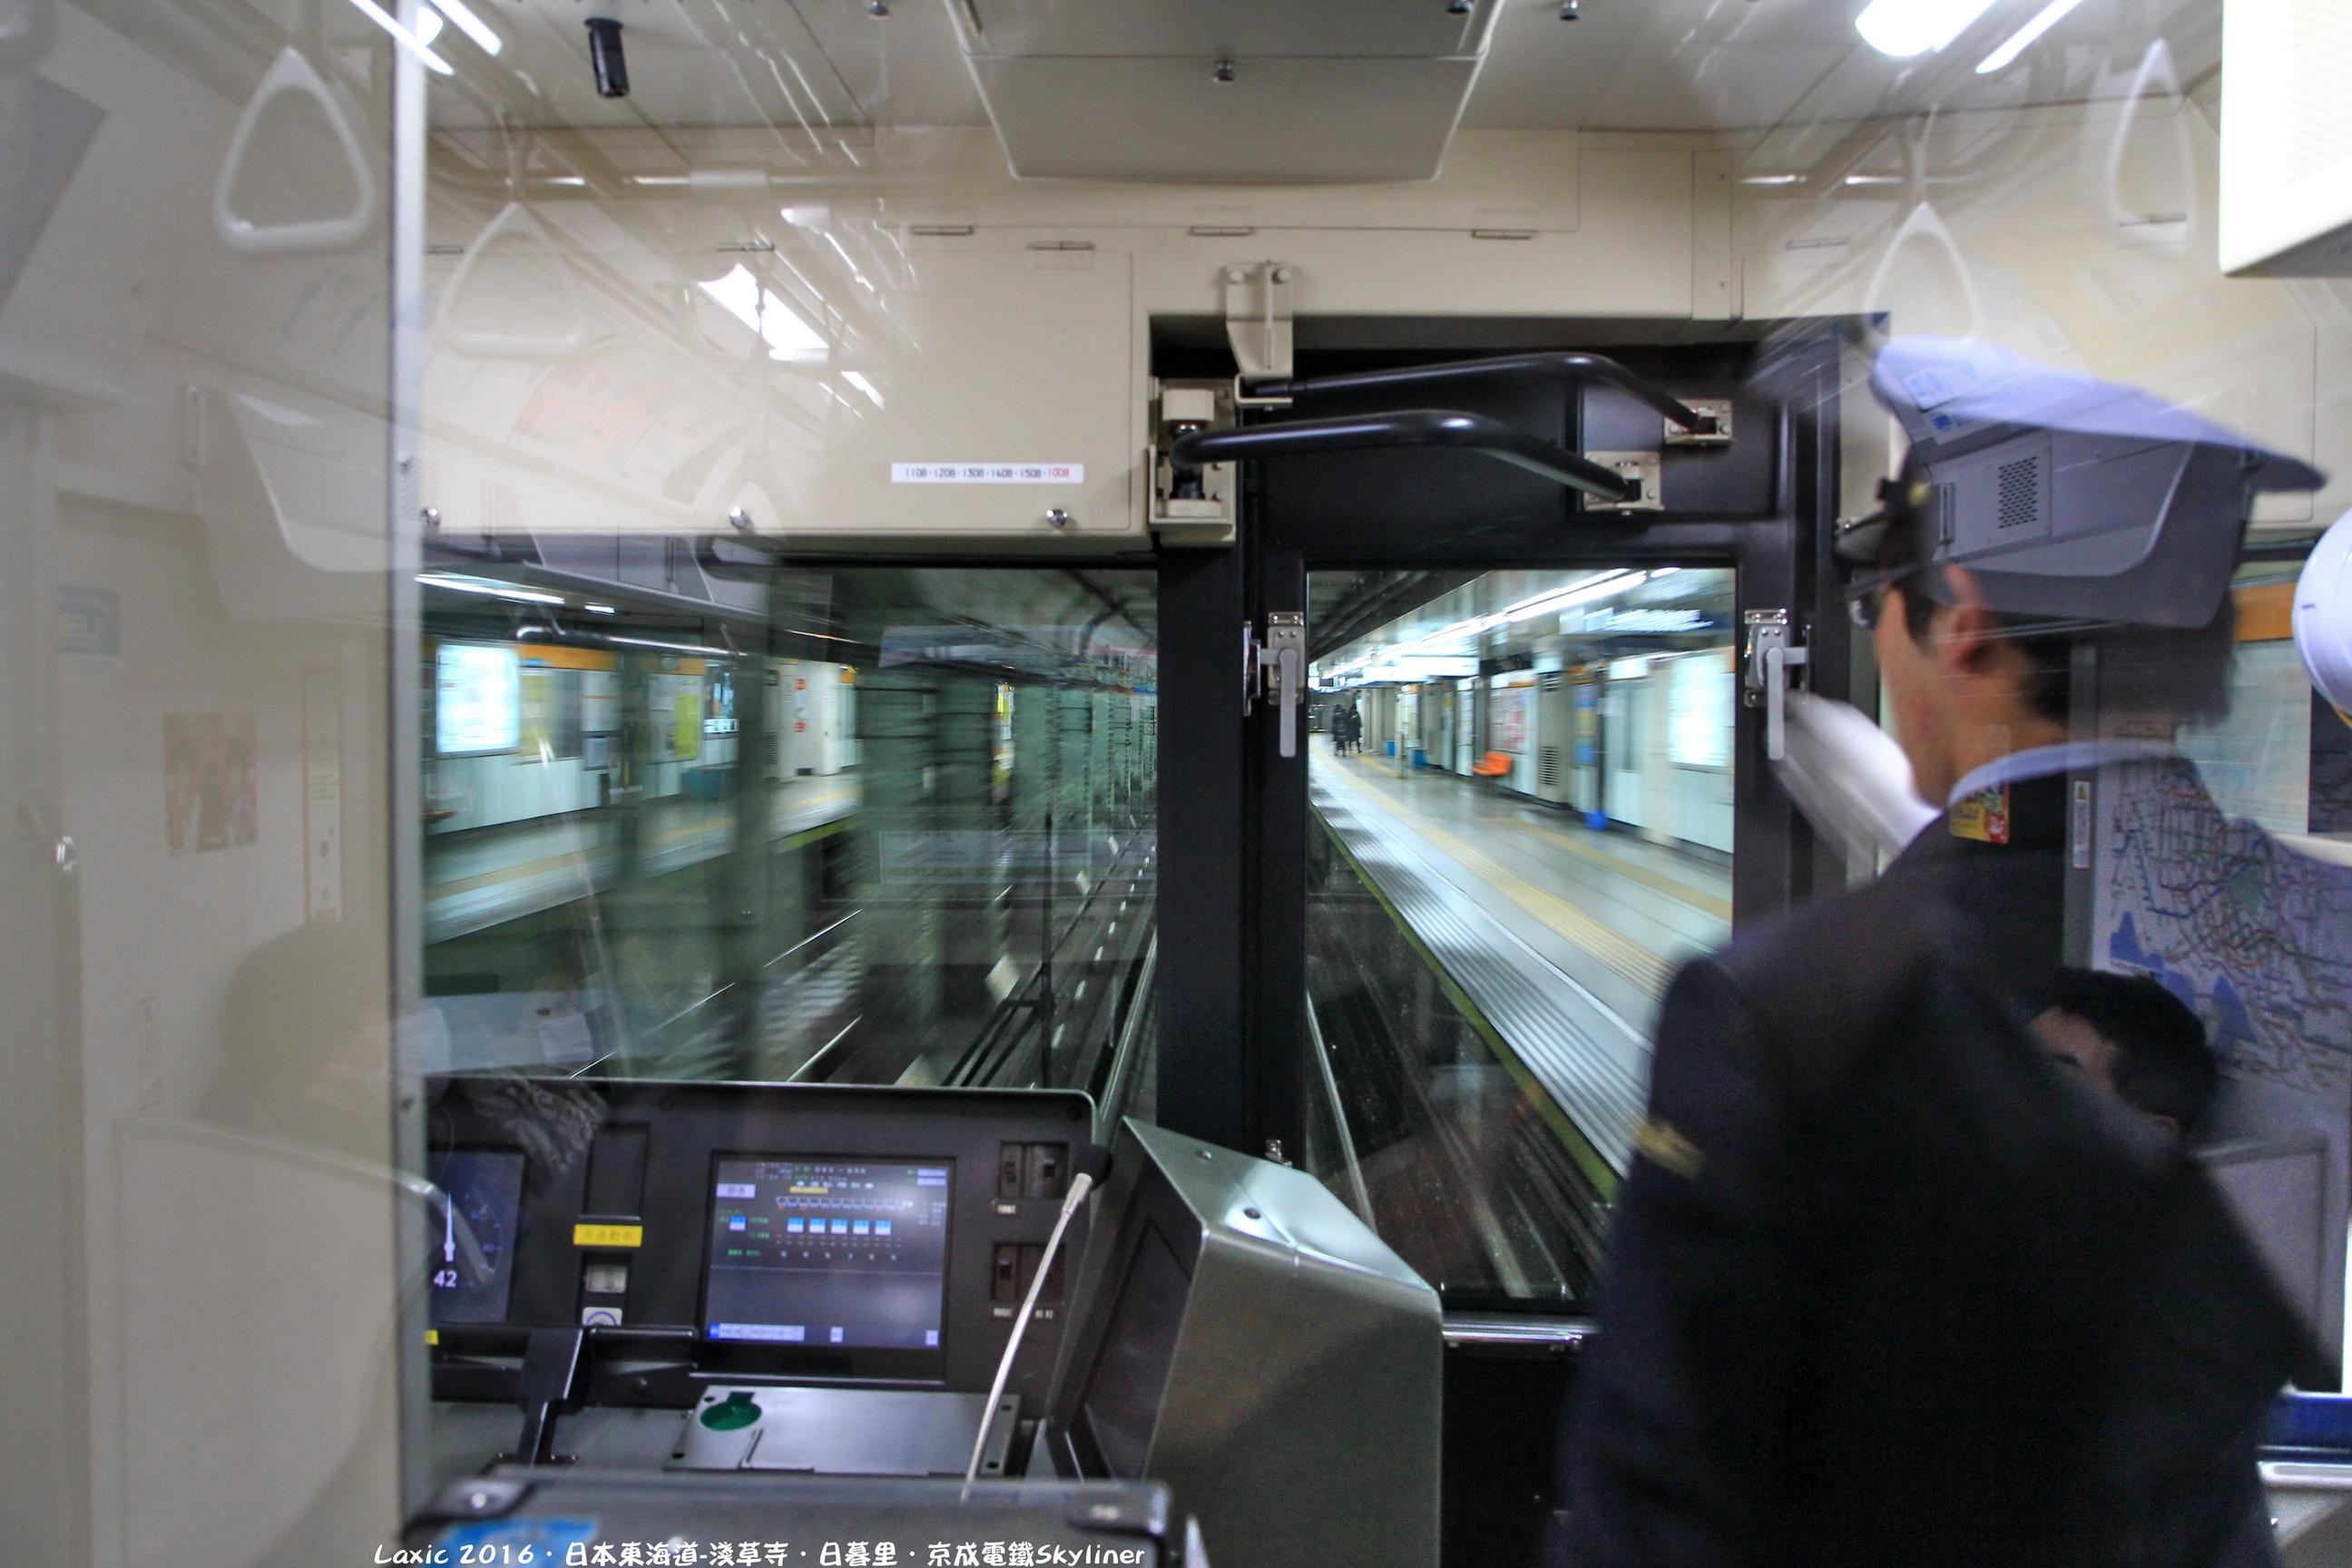 2016.03 日本東海道-淺草寺.日暮里.京成電鐵 Skyliner